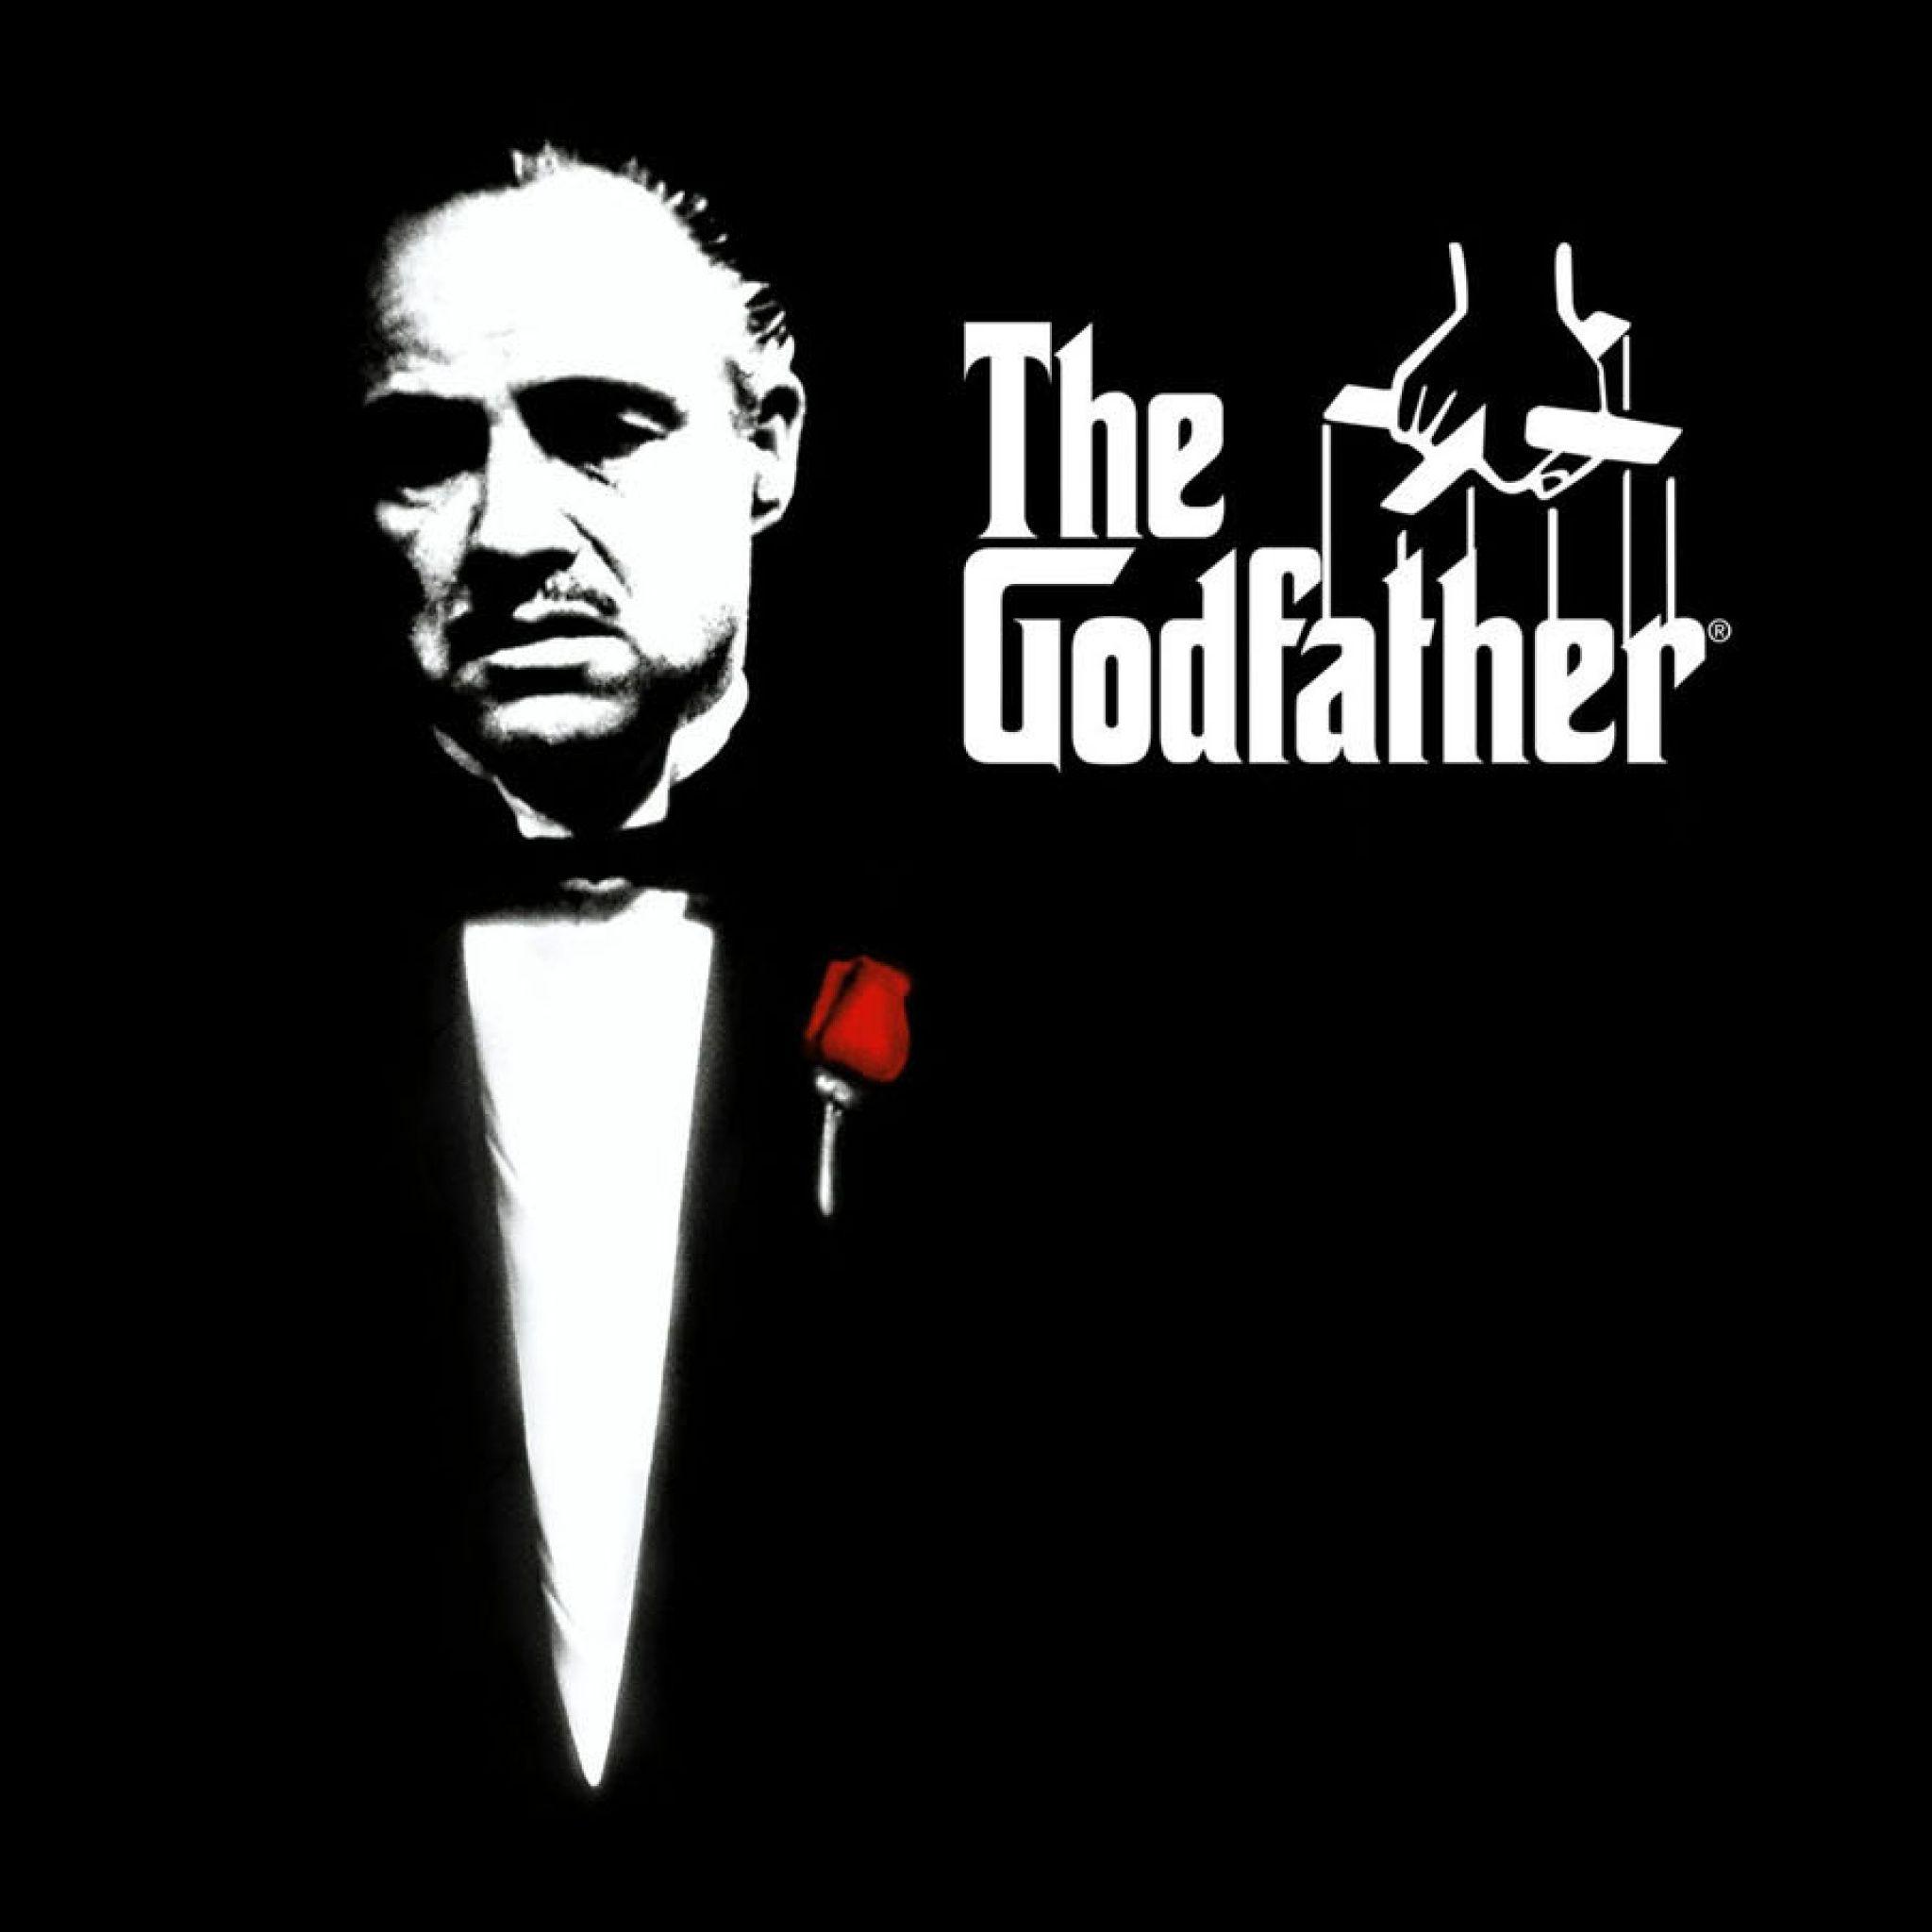 the godfather hd desktop wallpaper widescreen high